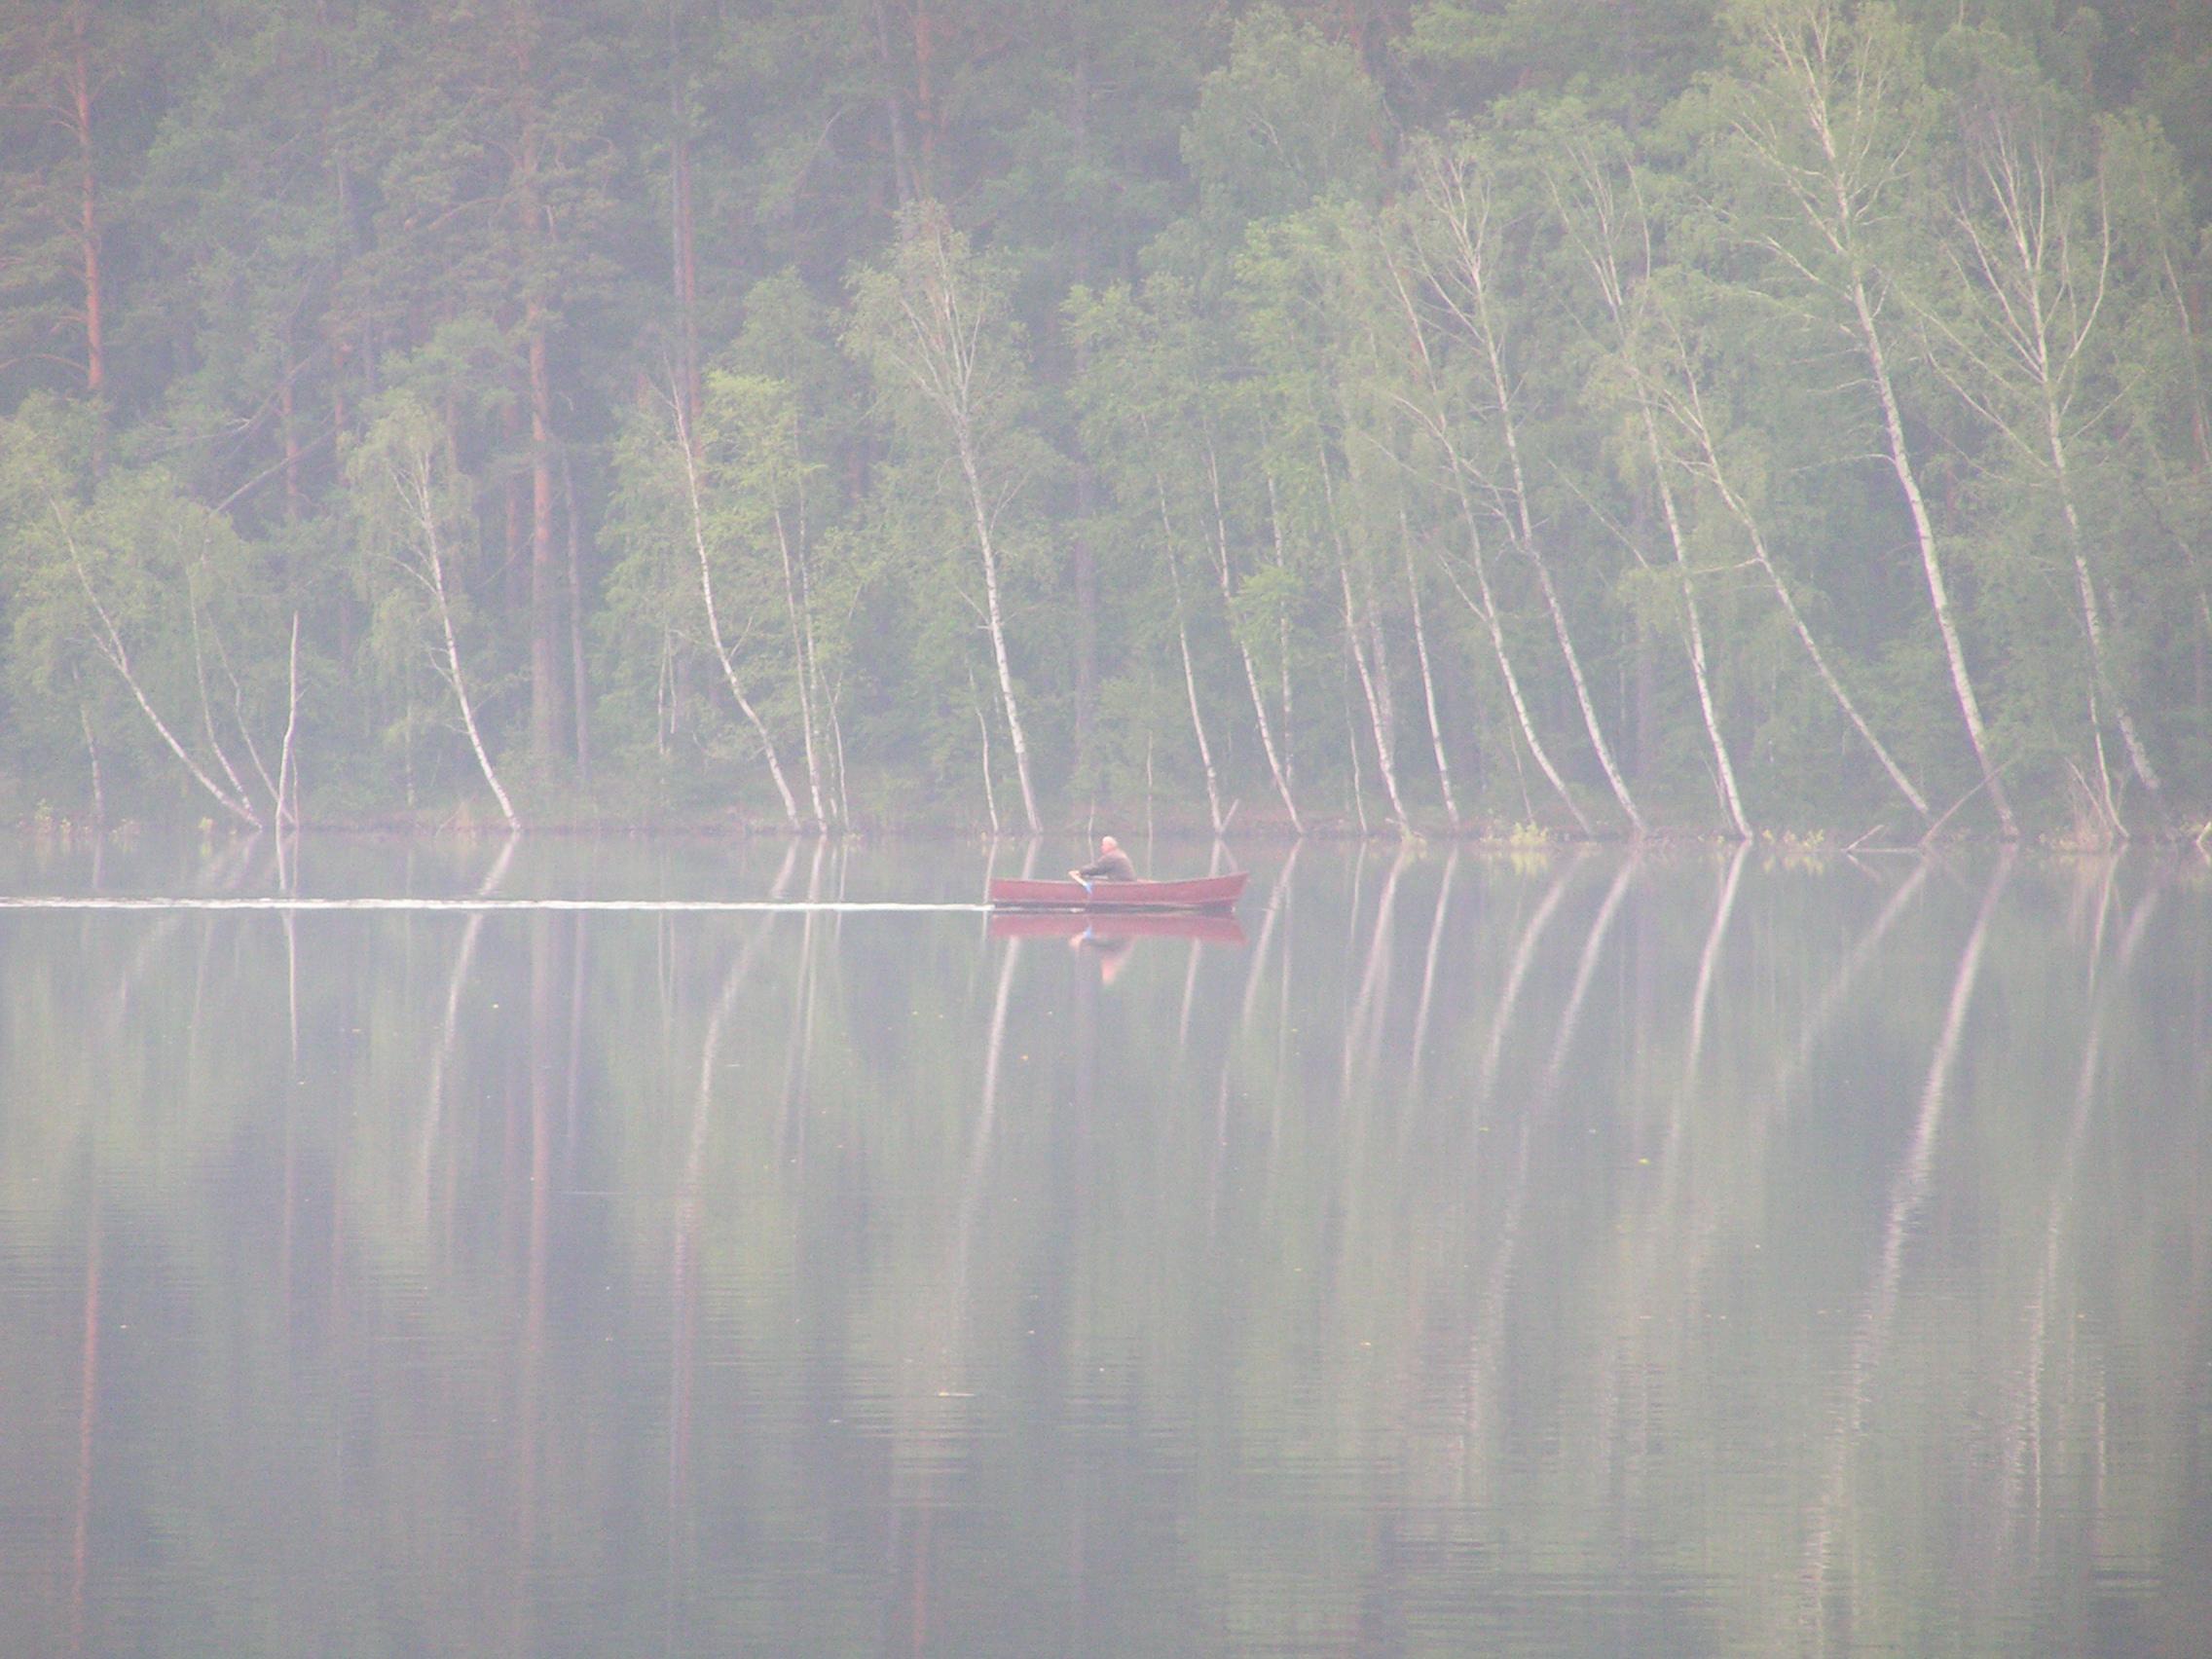 Лодка крупным планом (24.05.2014)